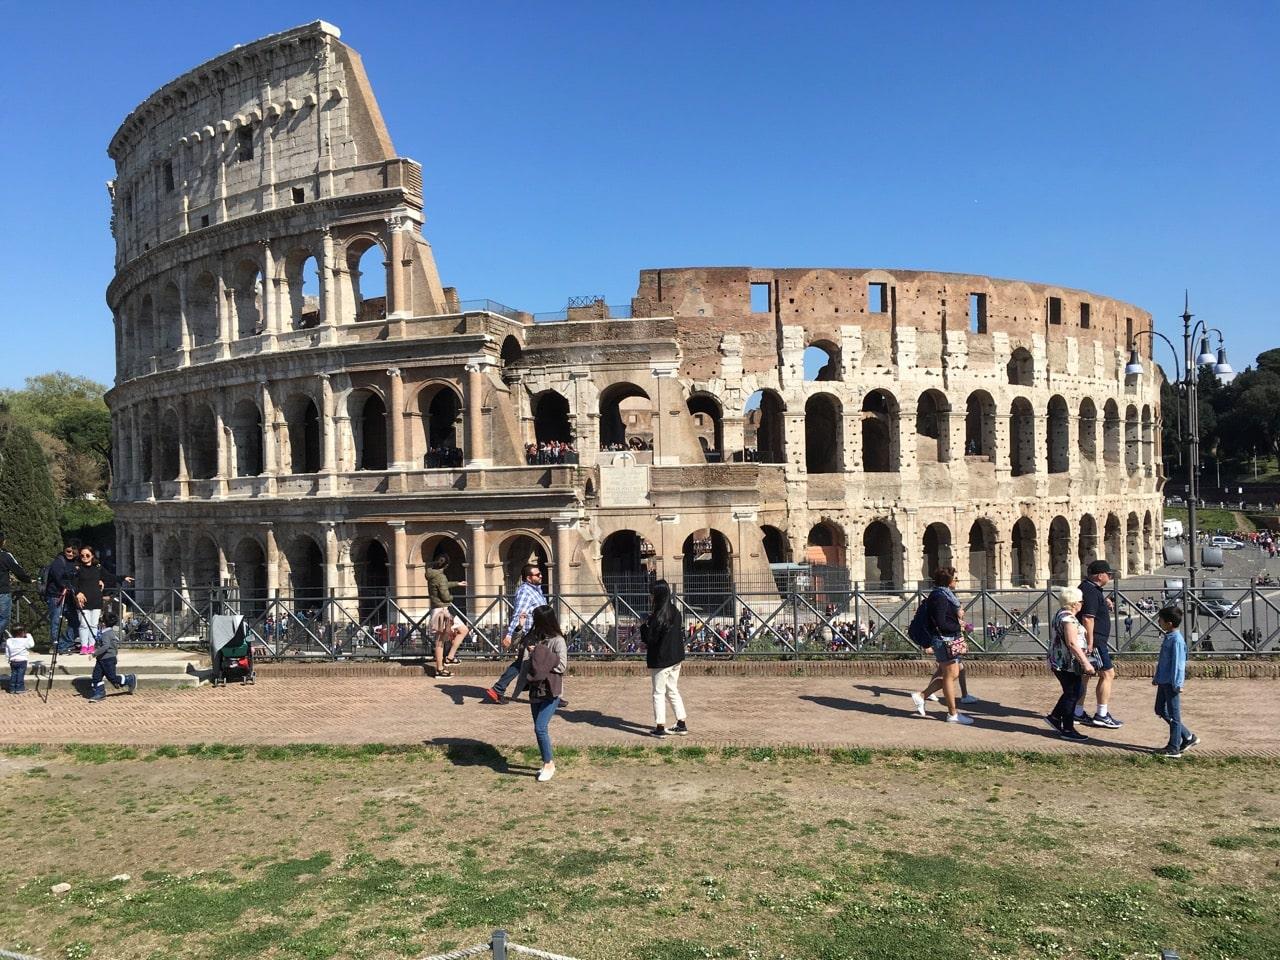 维纳斯和罗马神殿前面的观景台是拍斗兽场的好地方